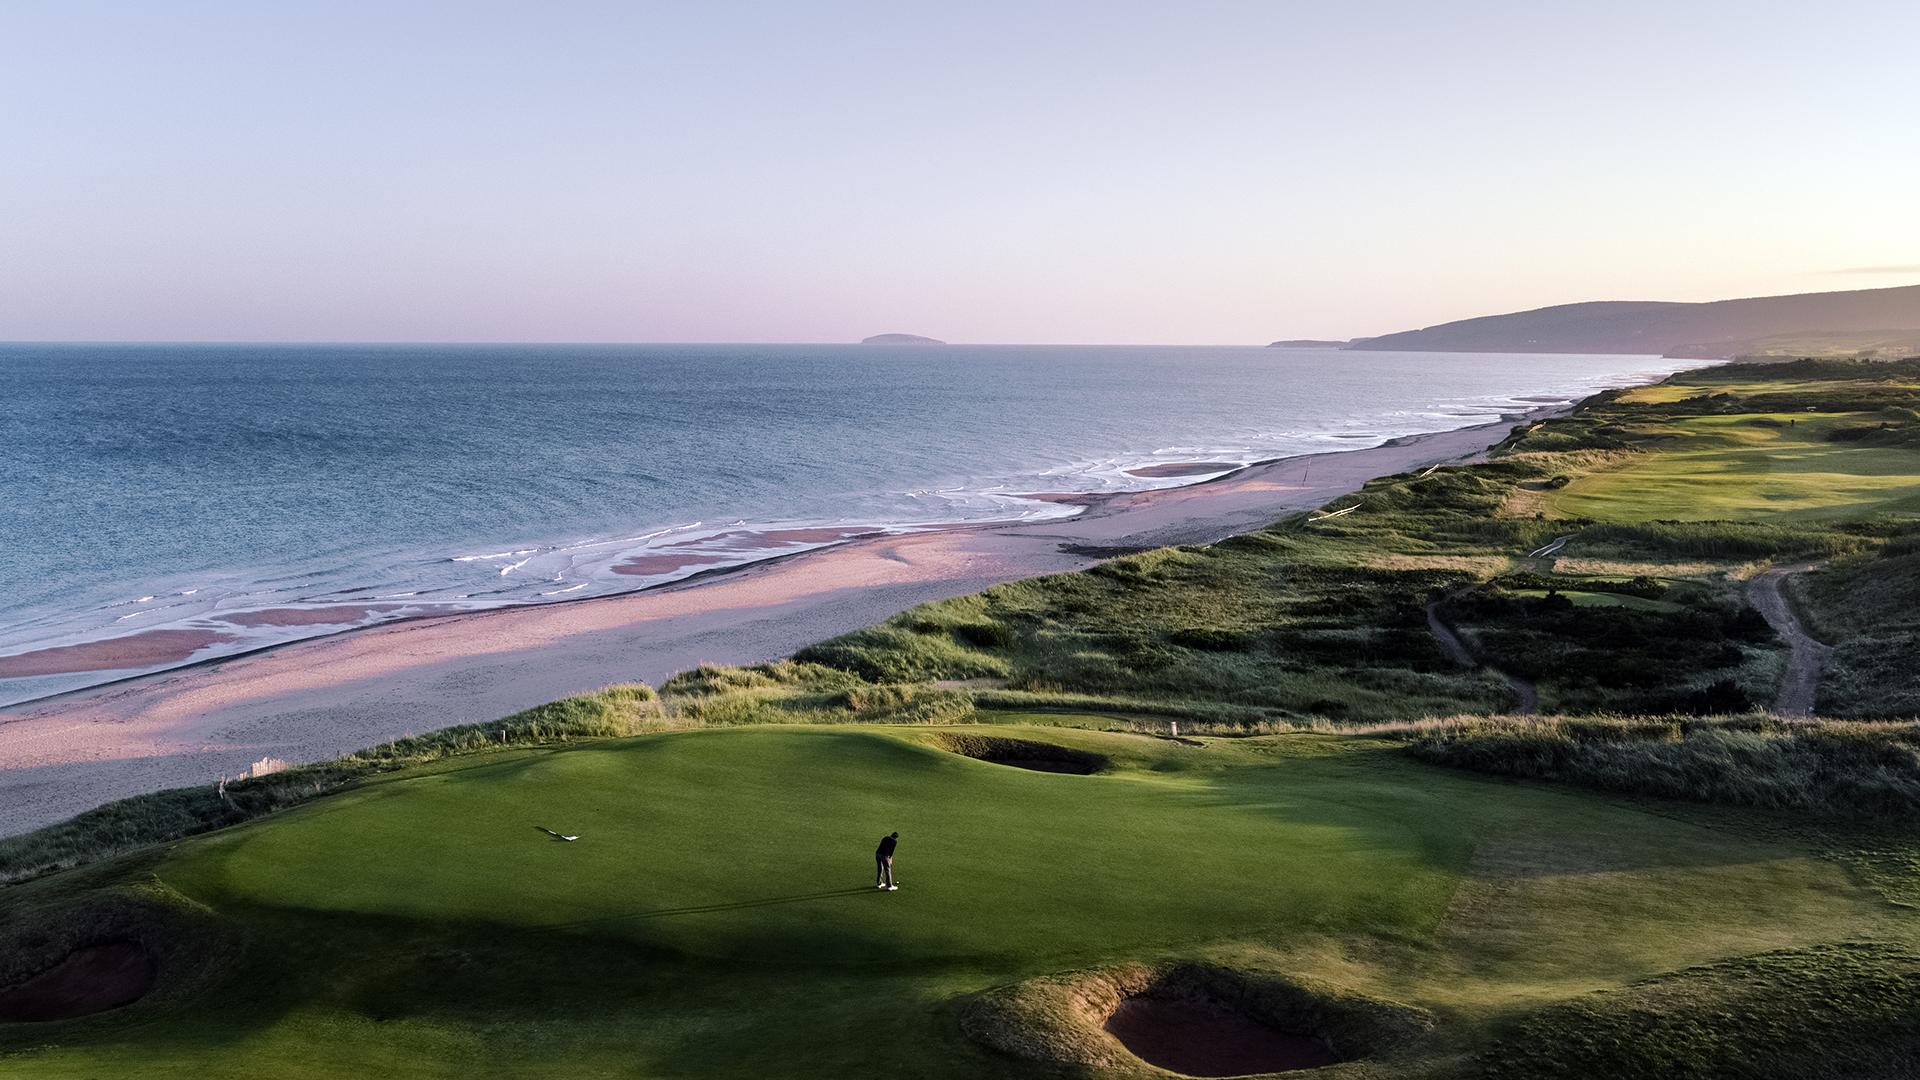 29++ Cabot lodge golf nova scotia ideas in 2021